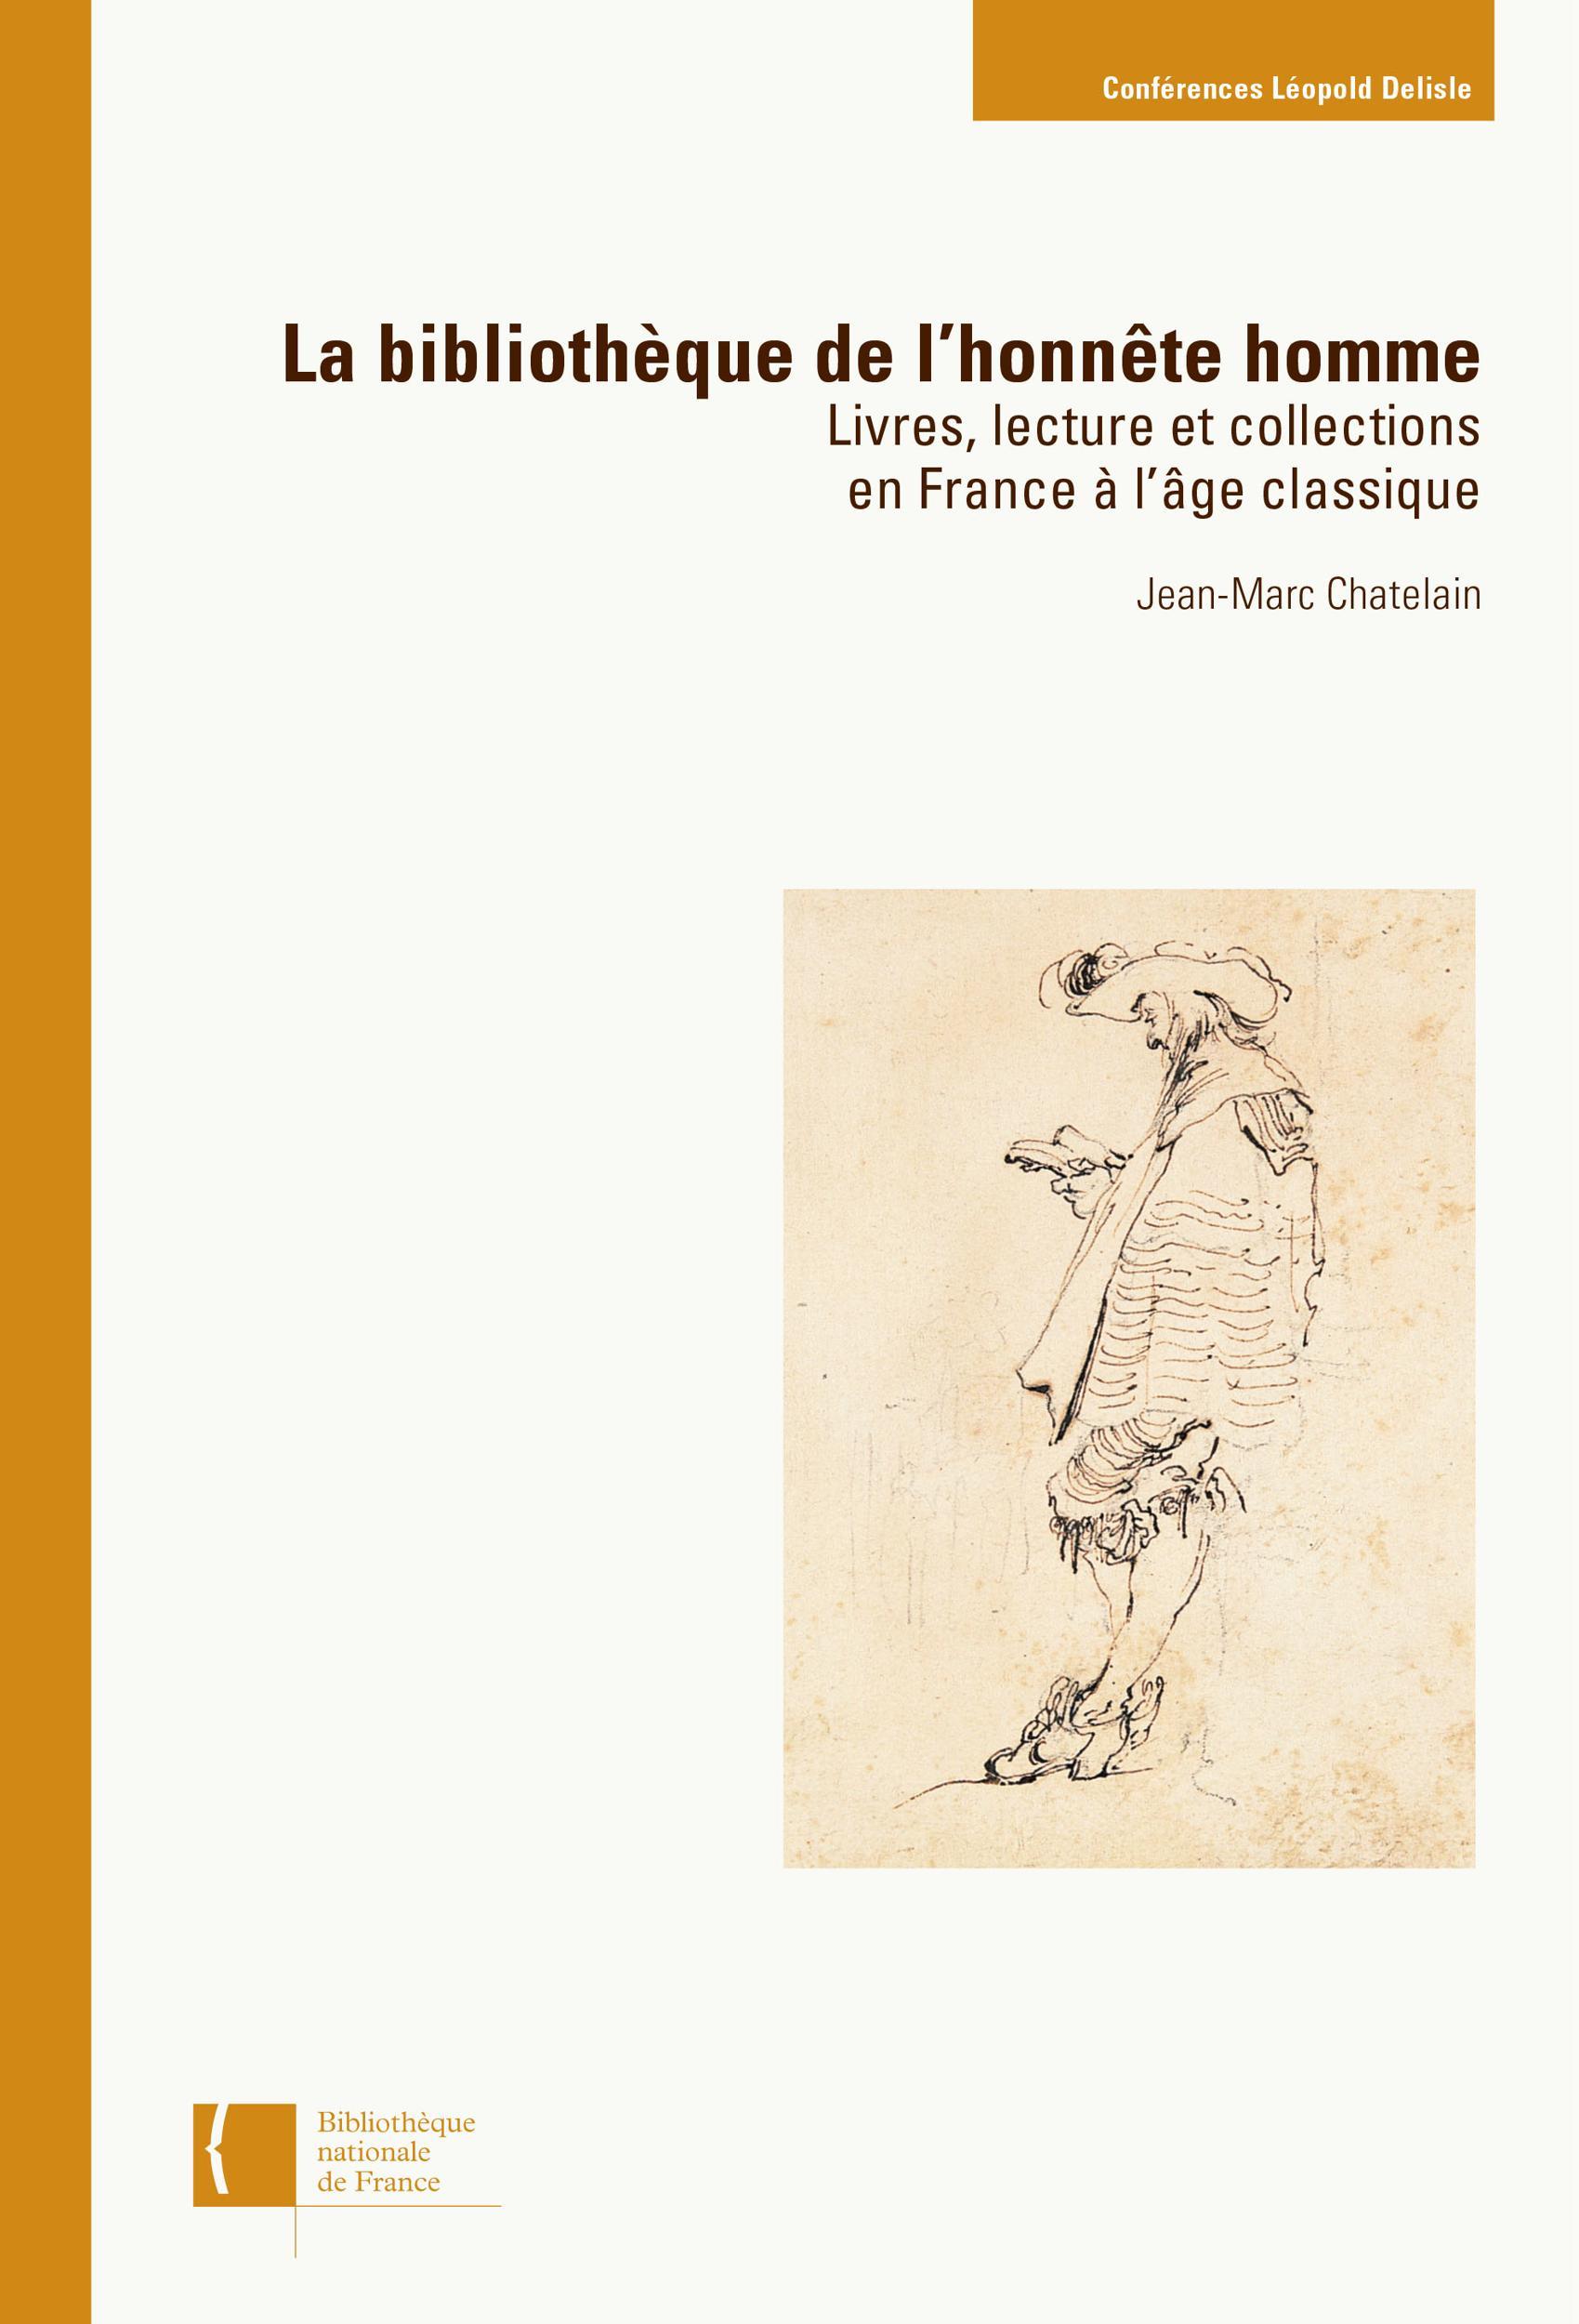 La Bibliothèque de l'honnête homme, LIVRES, LECTURE ET COLLECTIONS EN FRANCE À L'ÂGE CLASSIQUE